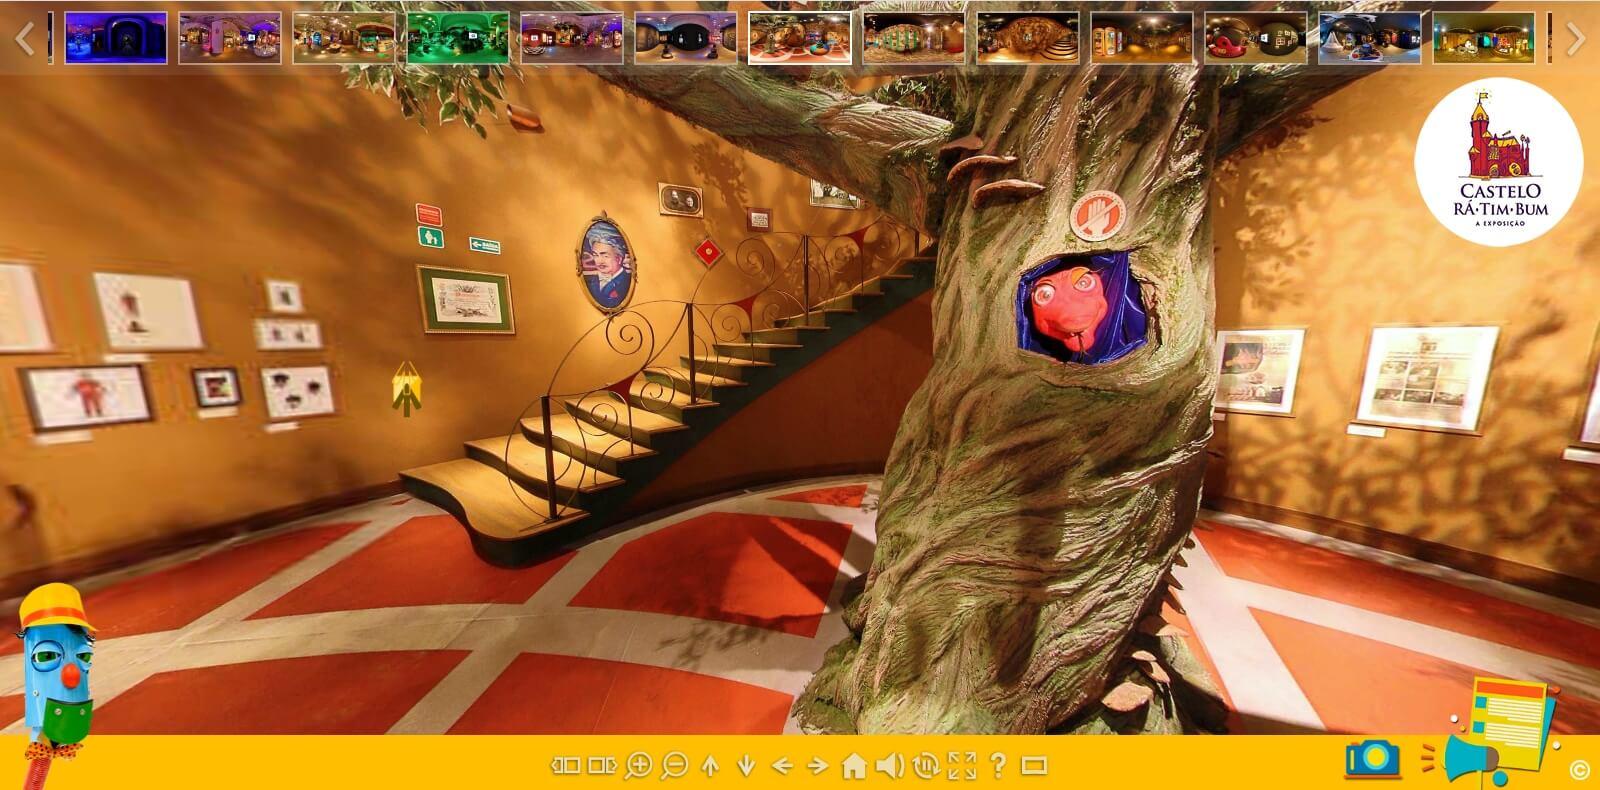 Exposição Castelo Rá-Tim-Bum ganha versão online e interativa